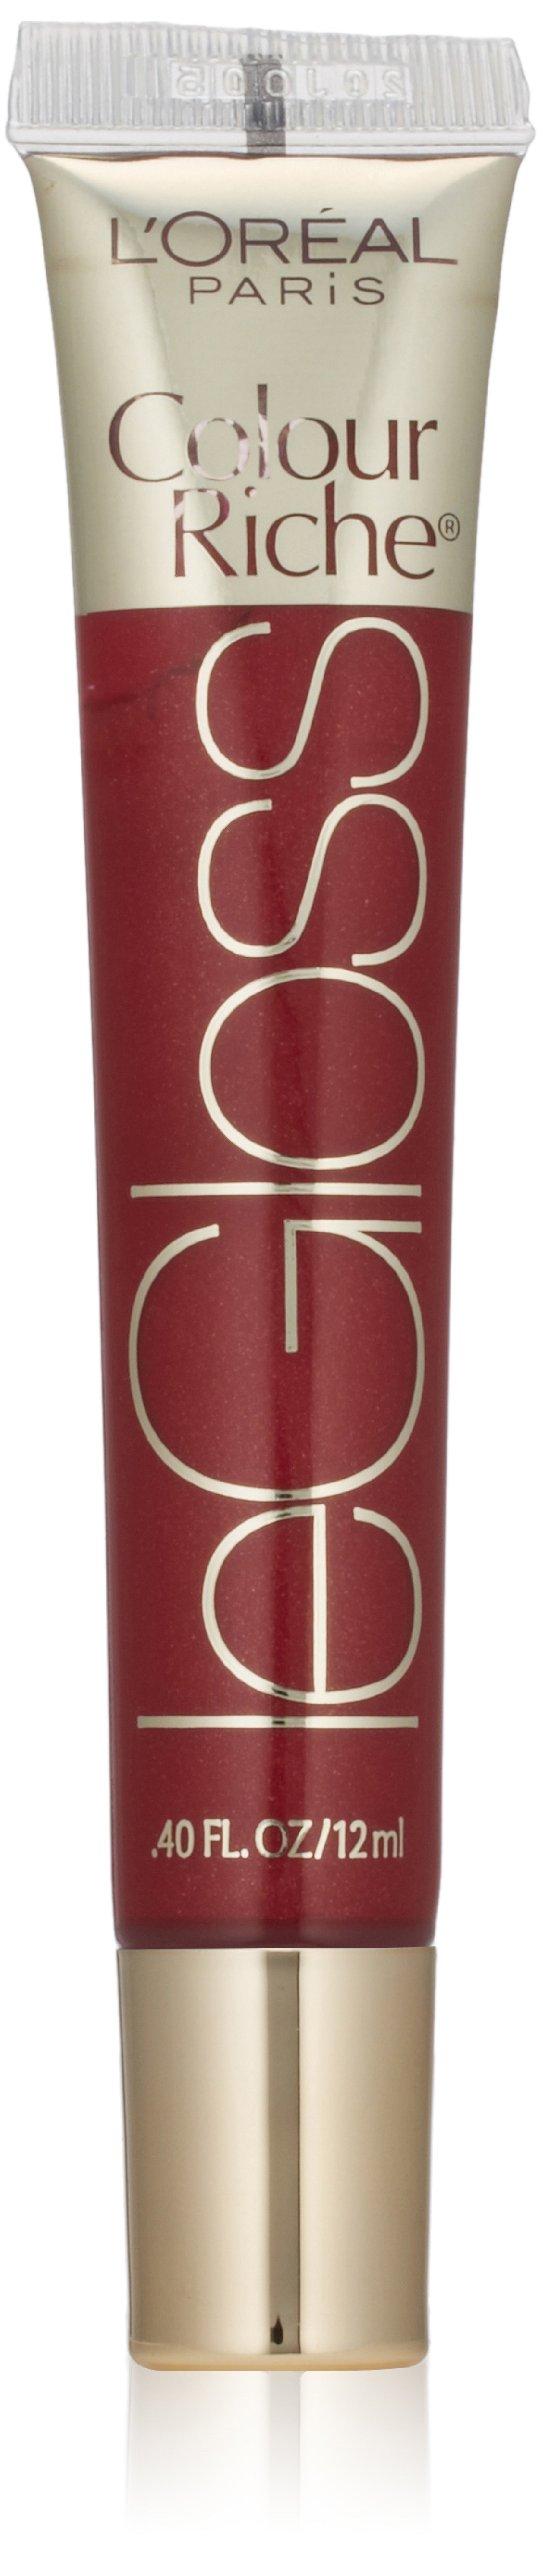 L'Oréal Paris Colour Riche Le Gloss, Blushing Berry, 0.4 fl. oz.